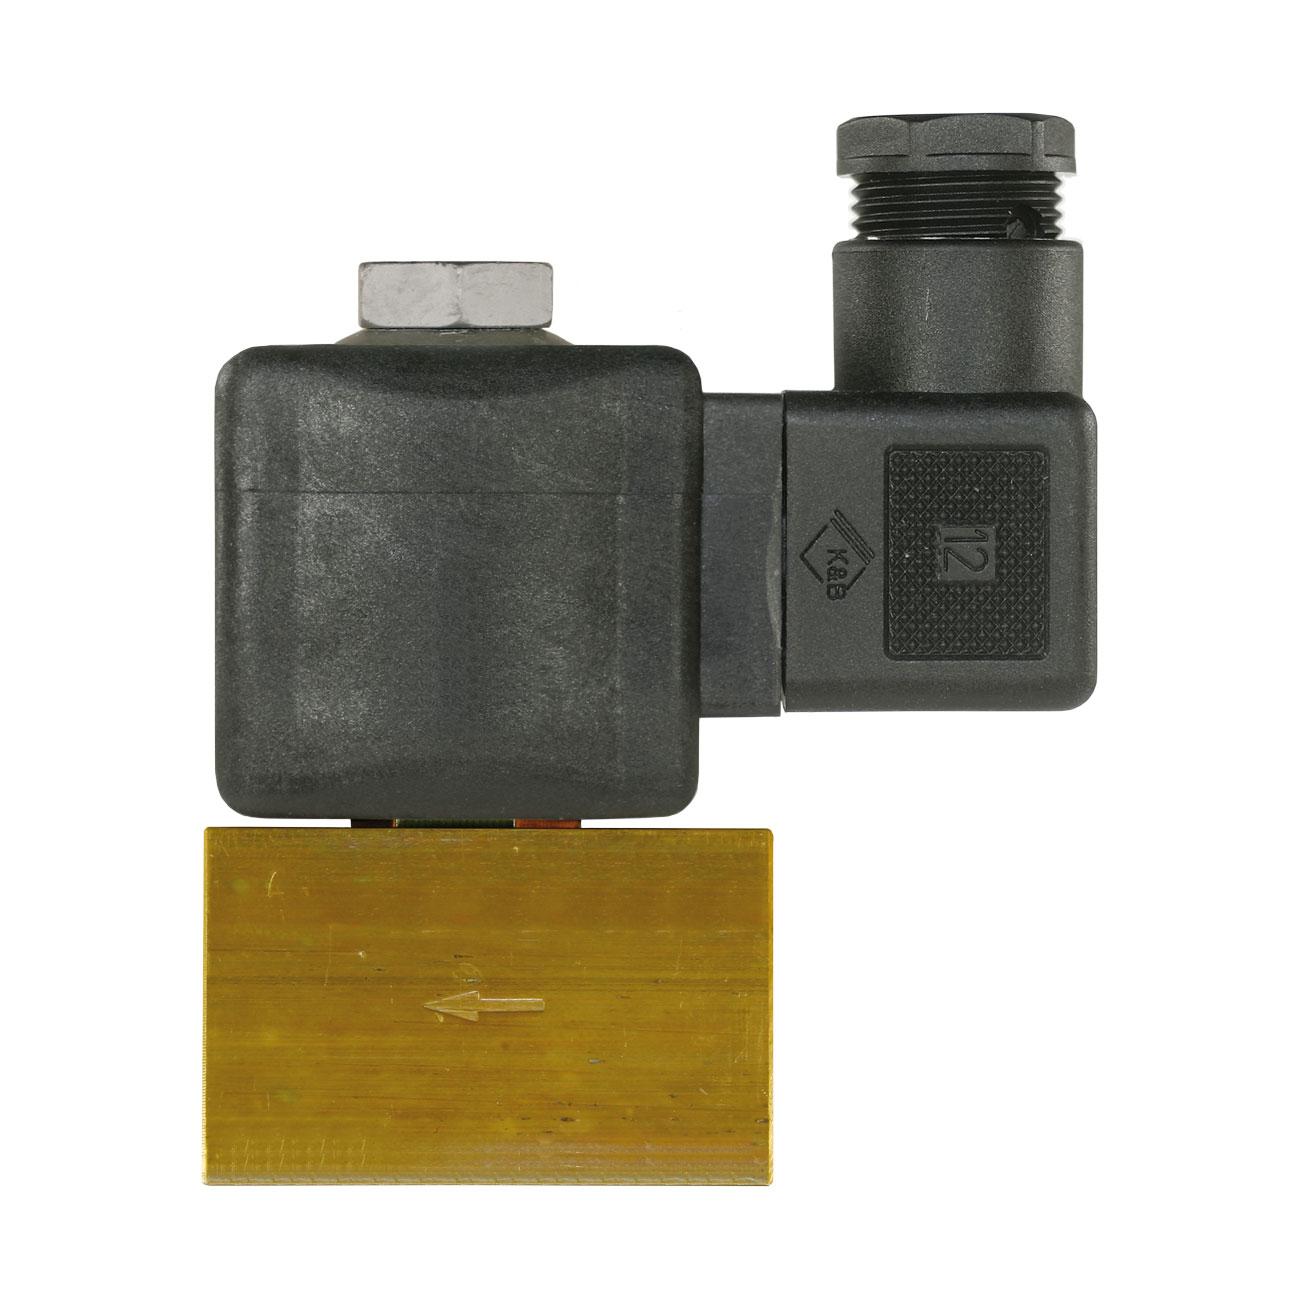 ELECTROVANNE RAPA 1/4 230V 130BARS SV04